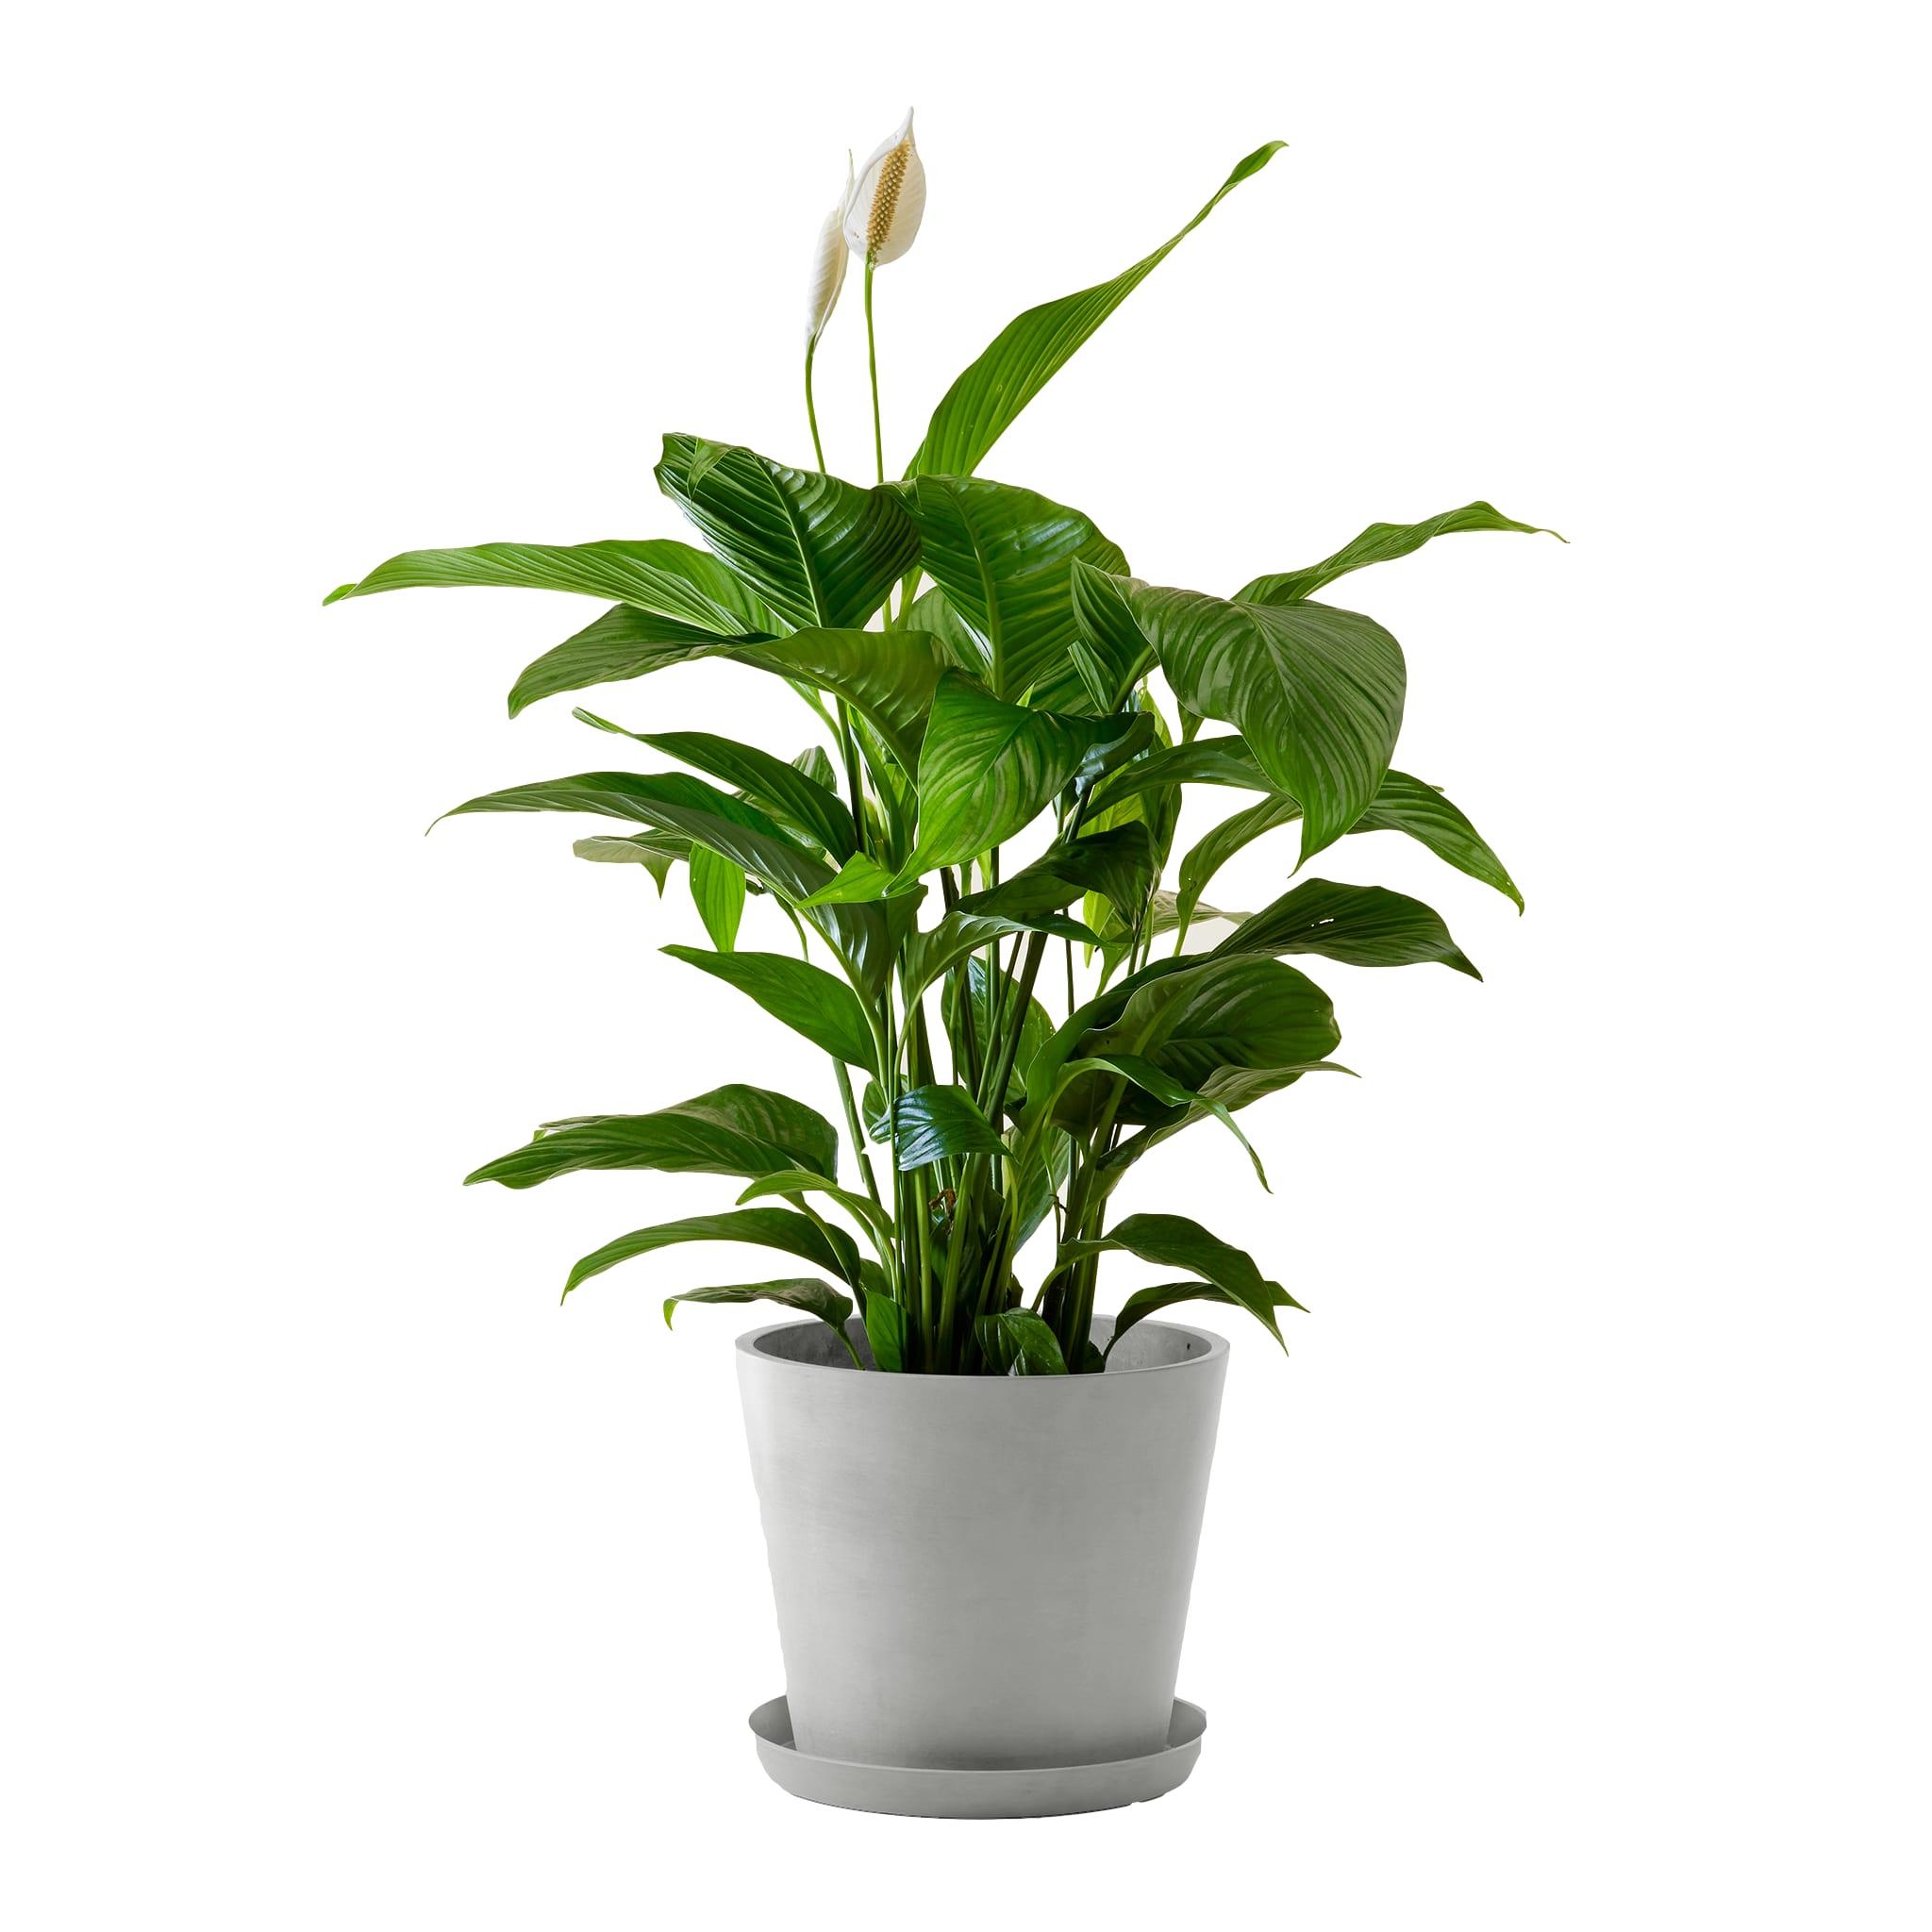 Plante d'intérieur - Spathiphyllum 100 cm en pot blanc gris